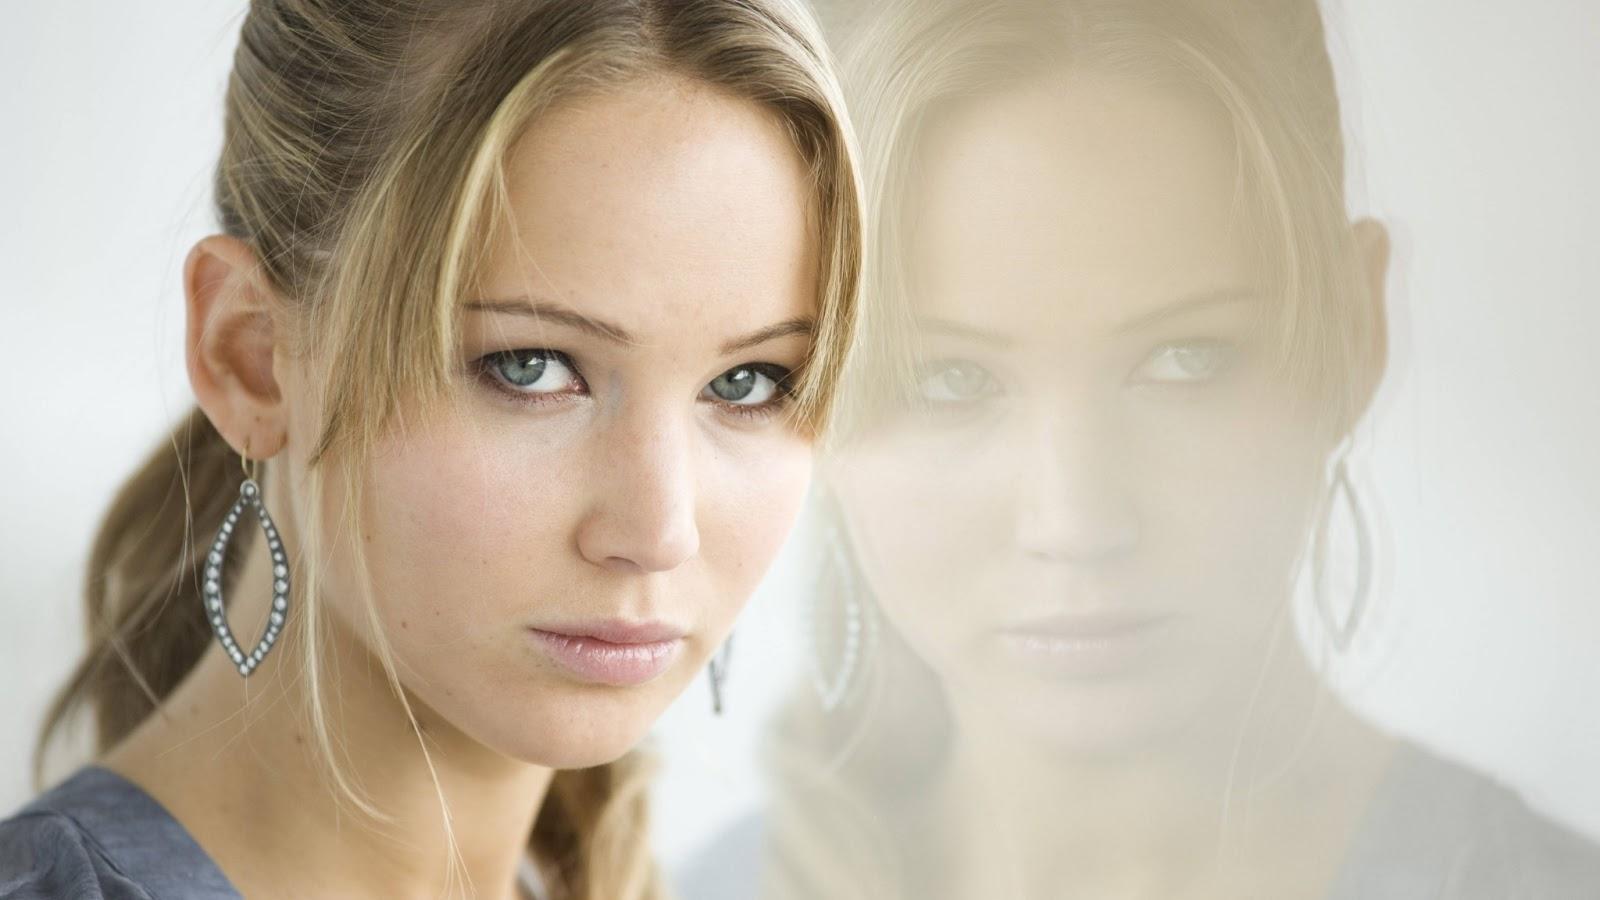 http://1.bp.blogspot.com/--GN4cxRDe9s/USiV_Eso80I/AAAAAAAACeo/UgwQBEJxWHw/s1600/jennifer01-jennifer-lawrence-33631760-2560-1440.jpg